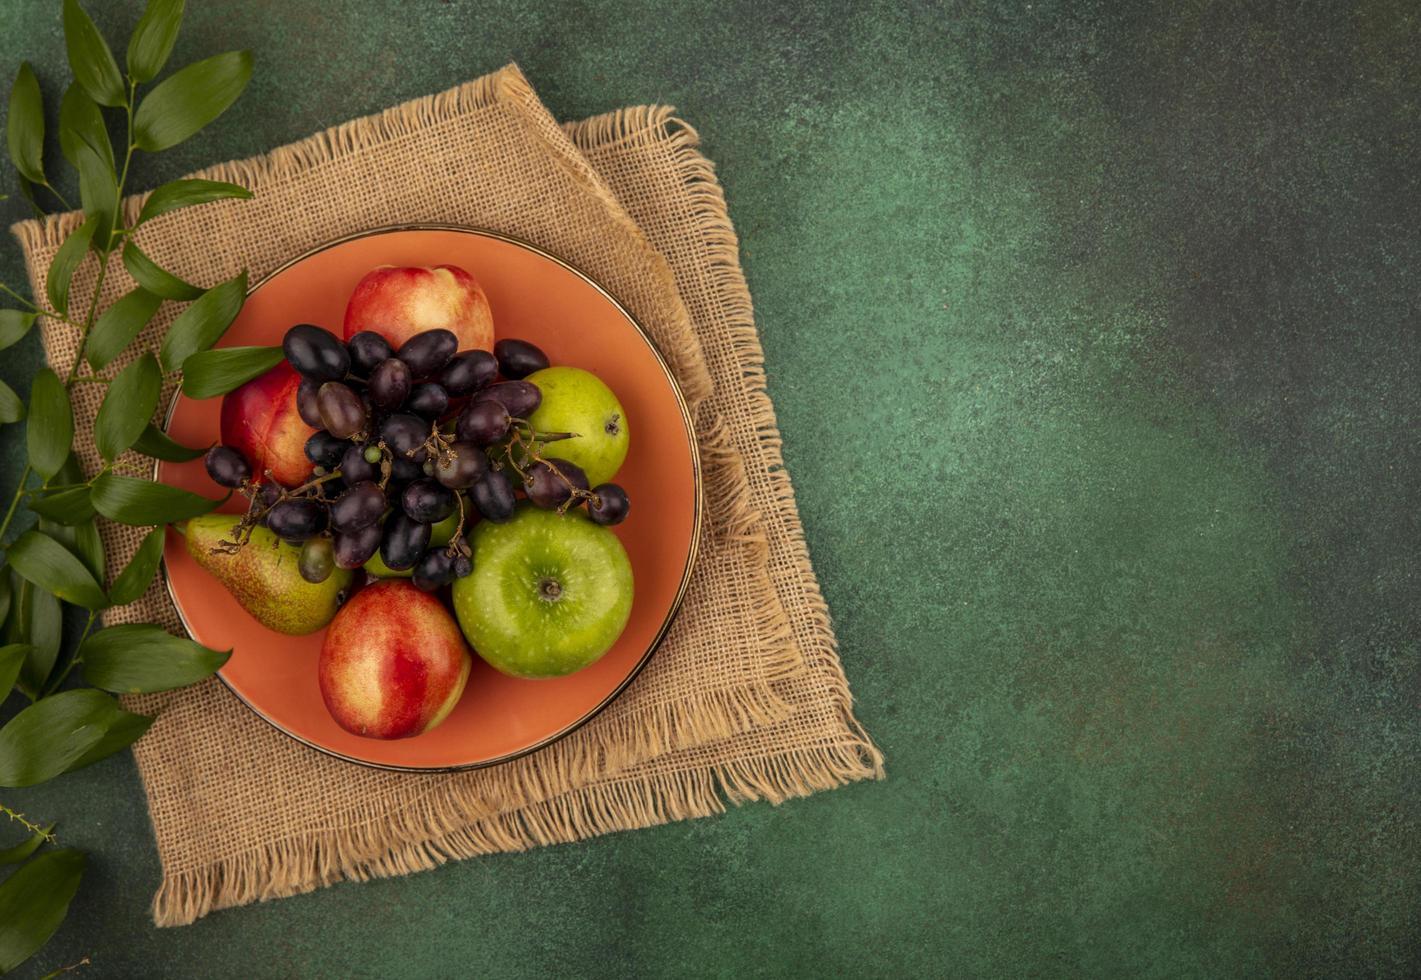 Fruta variada sobre fondo verde estilizado foto